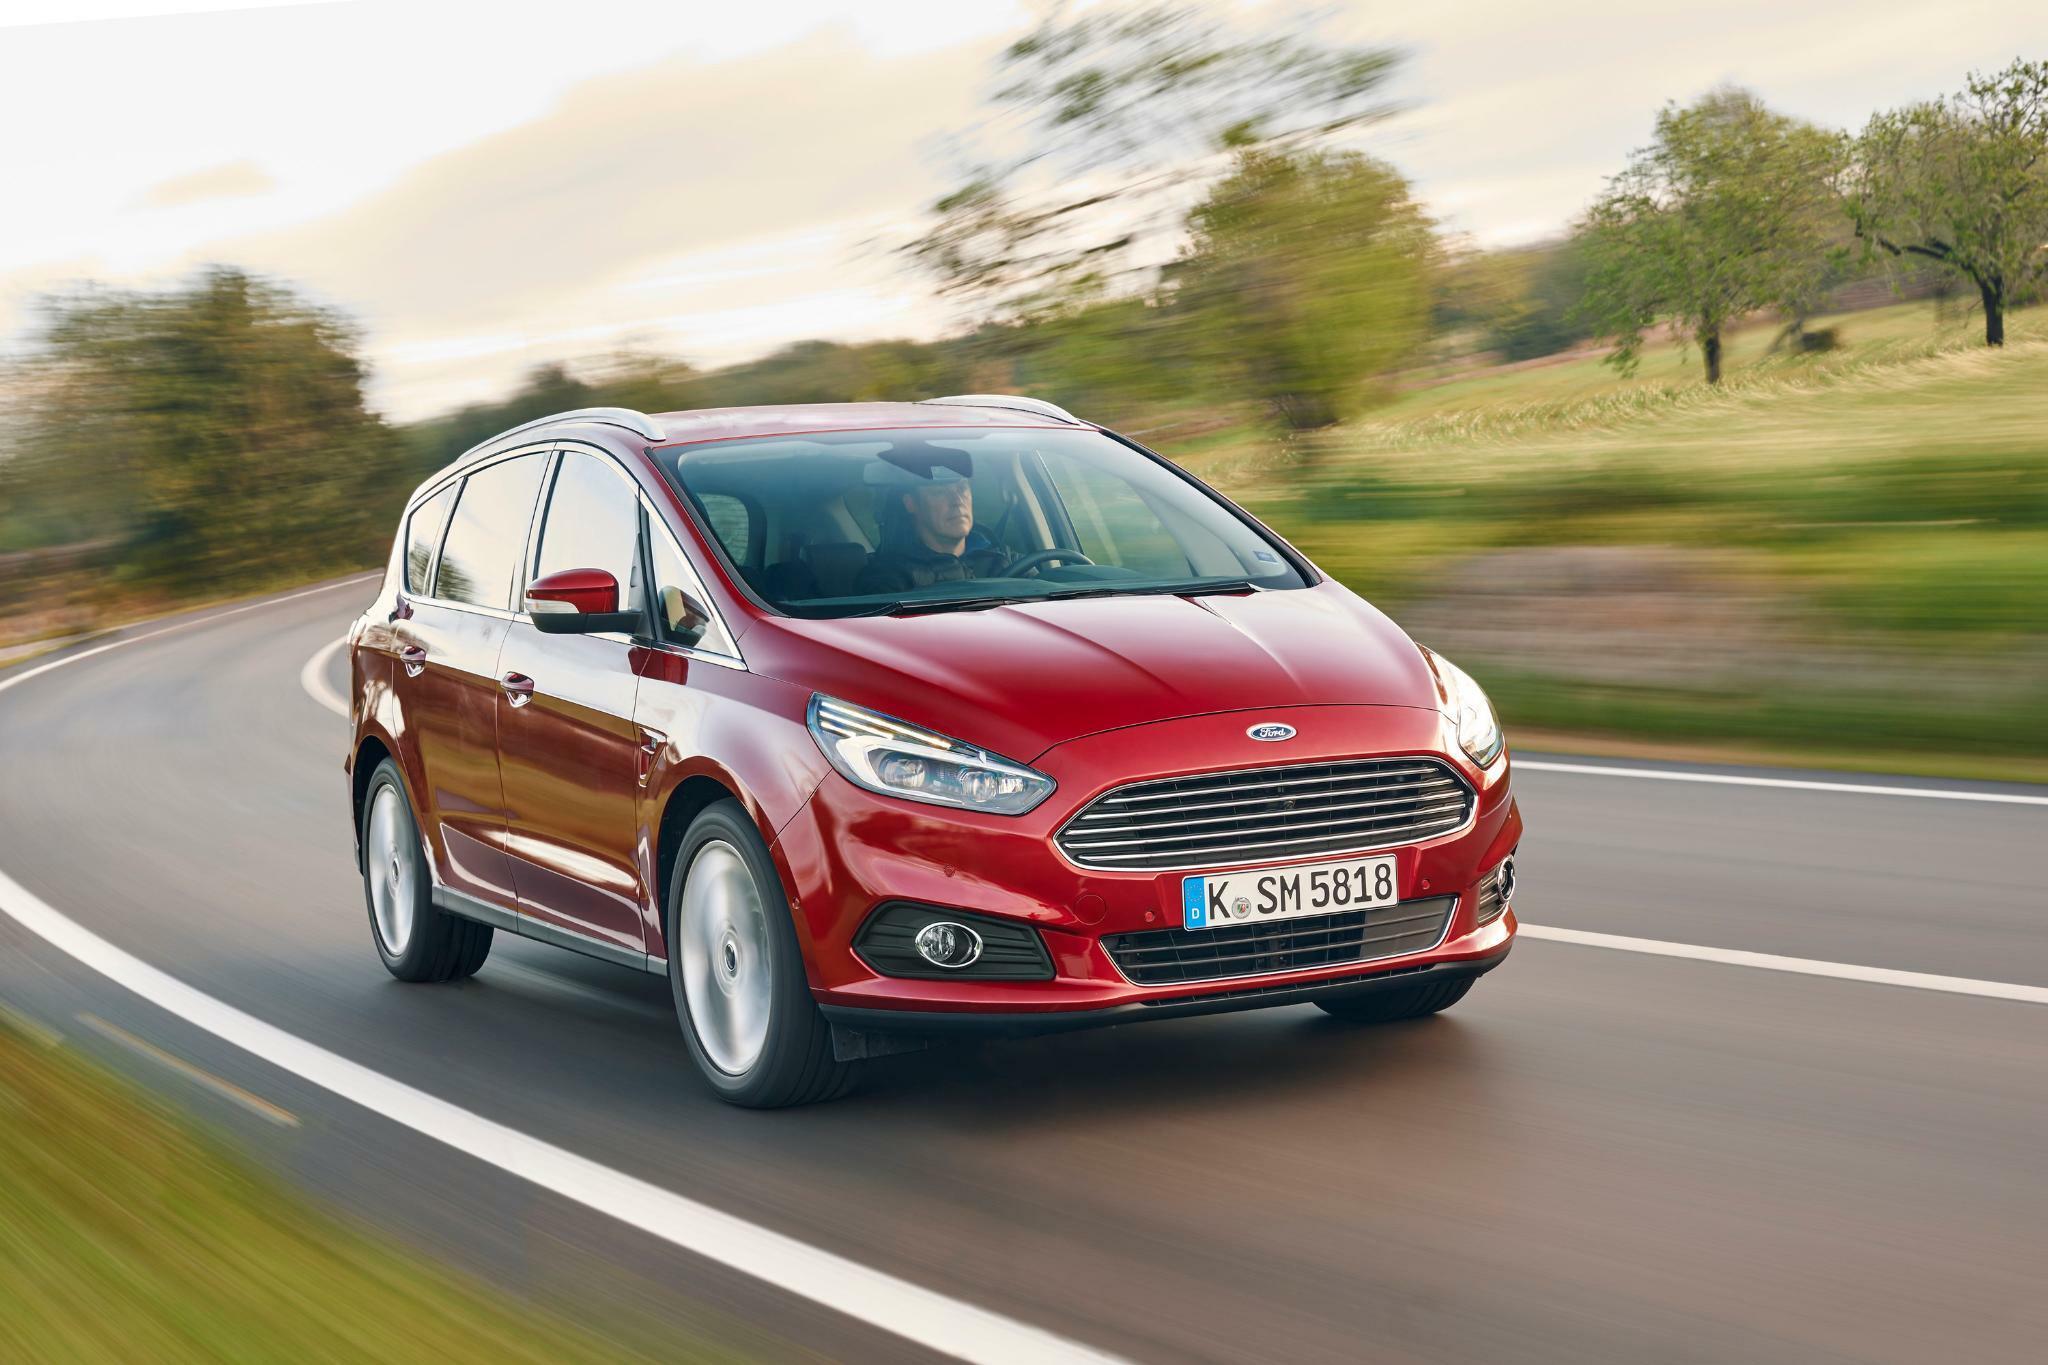 Autobauer: Ford ruft 100.000 Fahrzeuge in Deutschland zurück